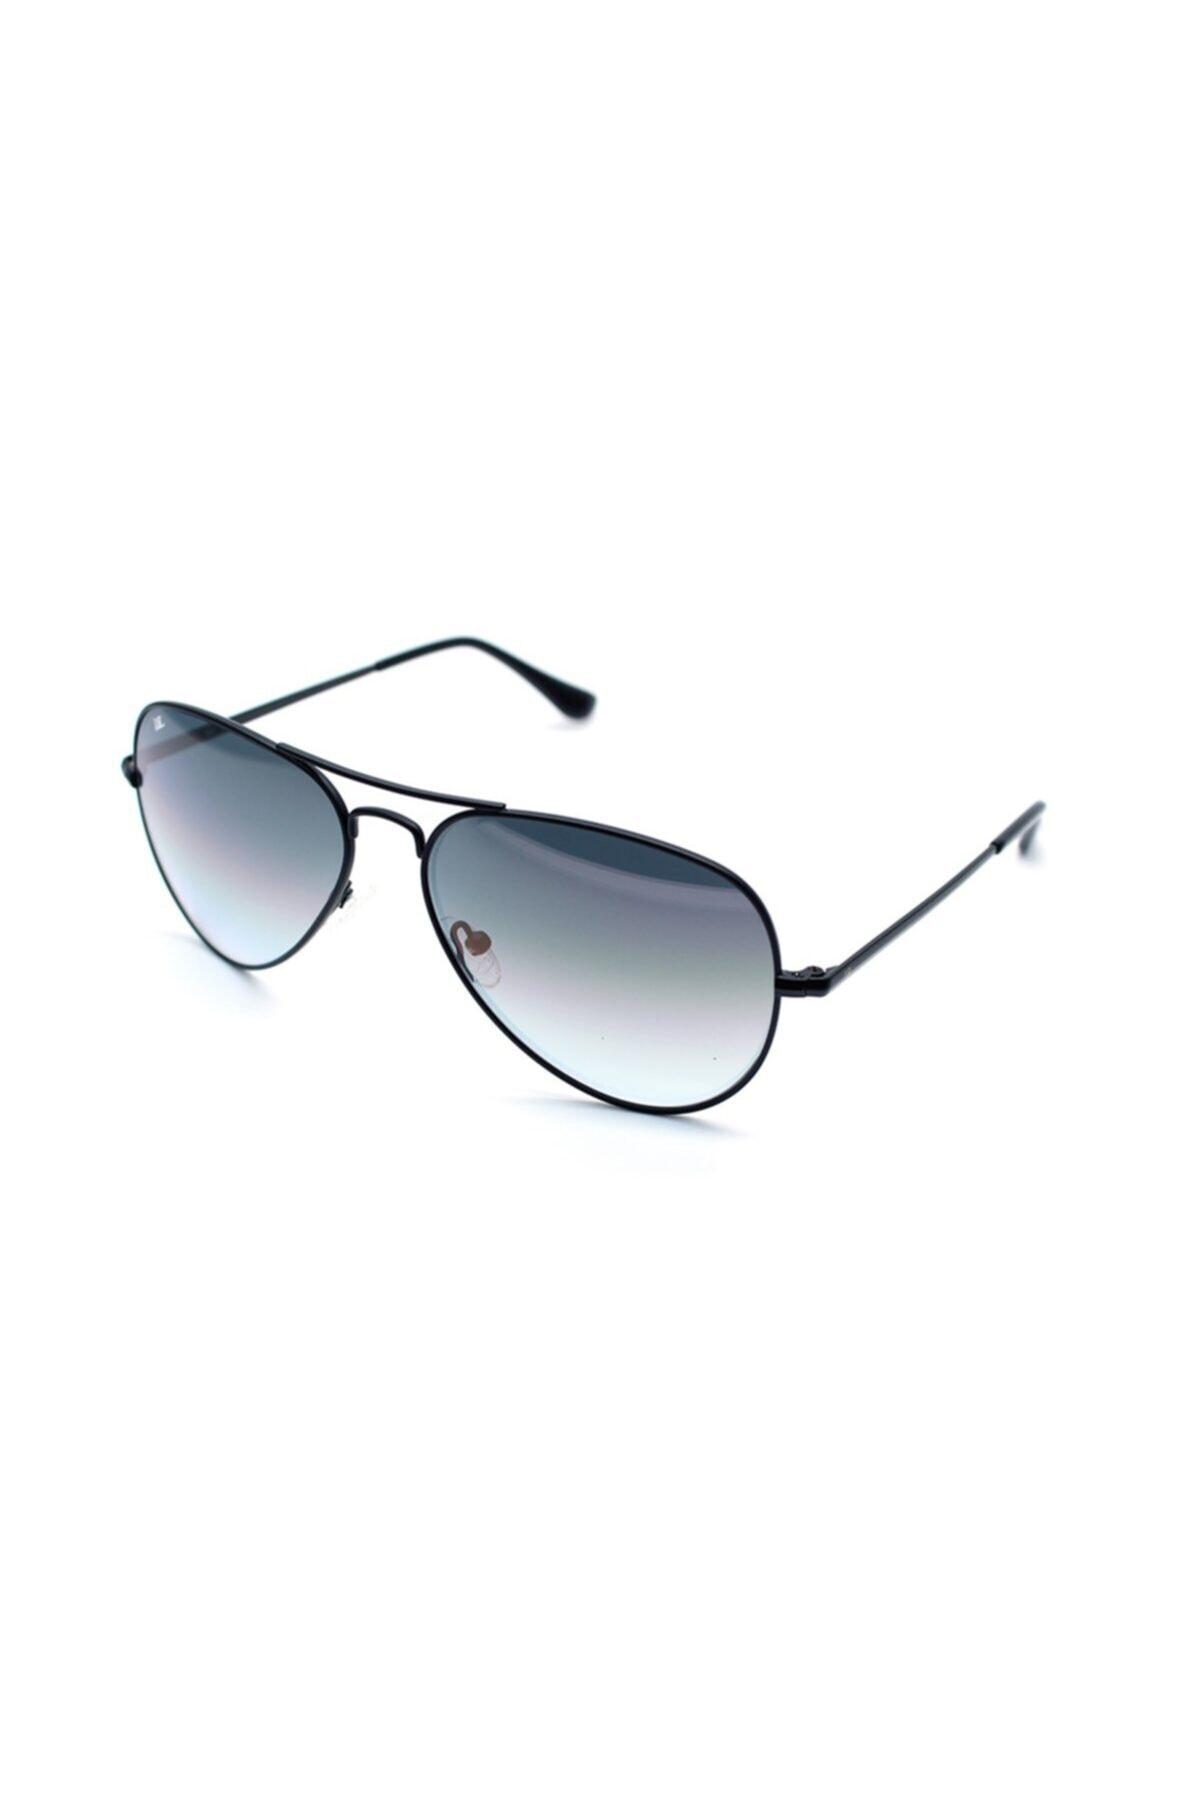 خرید اسان عینک آفتابی زنانه زیبا برند LONDON&LONDON رنگ بژ کد ty89502905